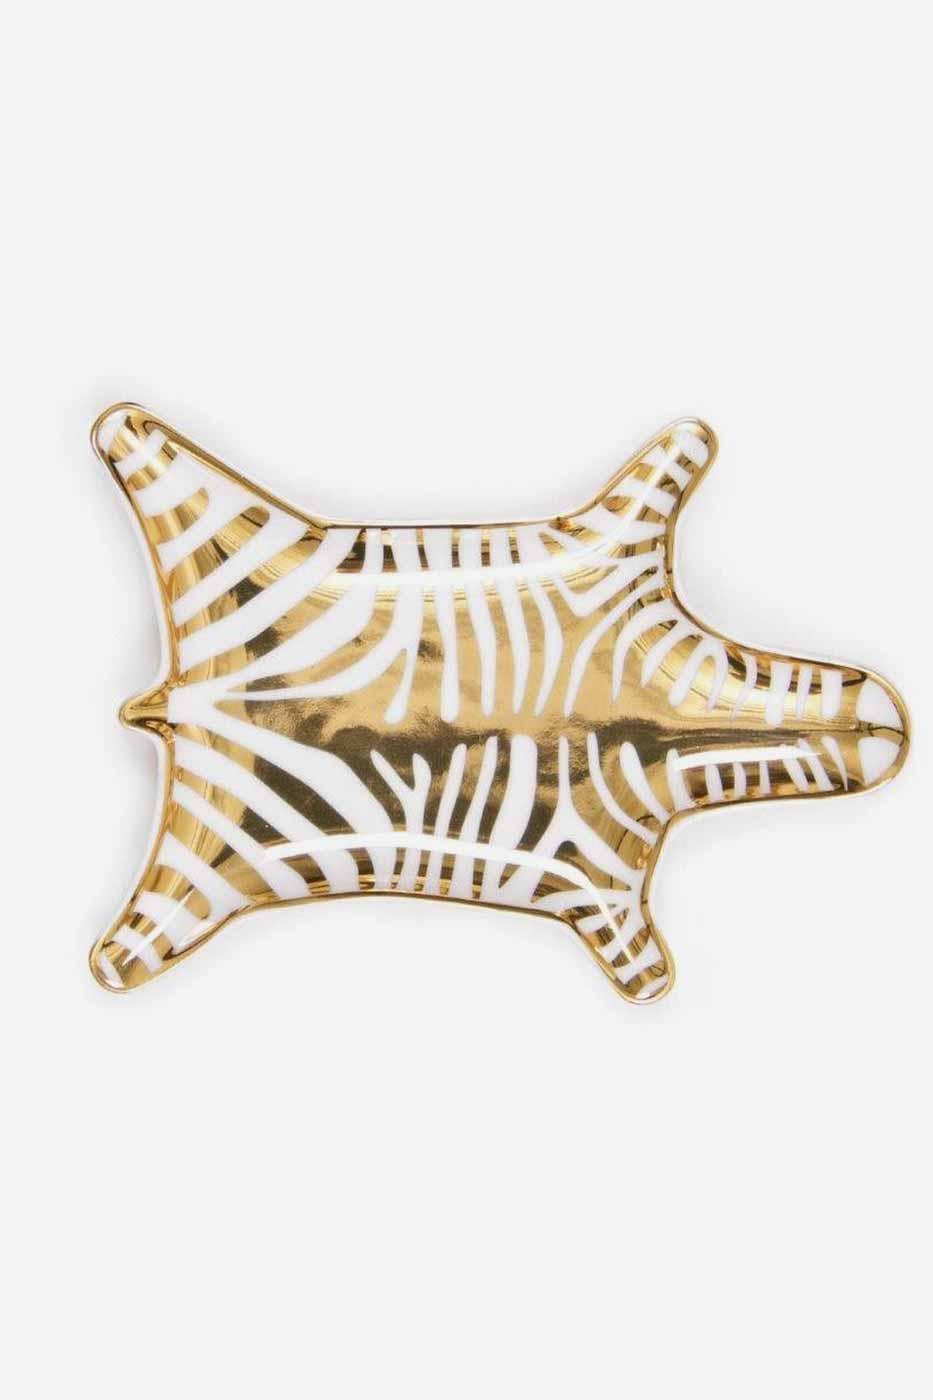 Fat Zebra 15 cm guld